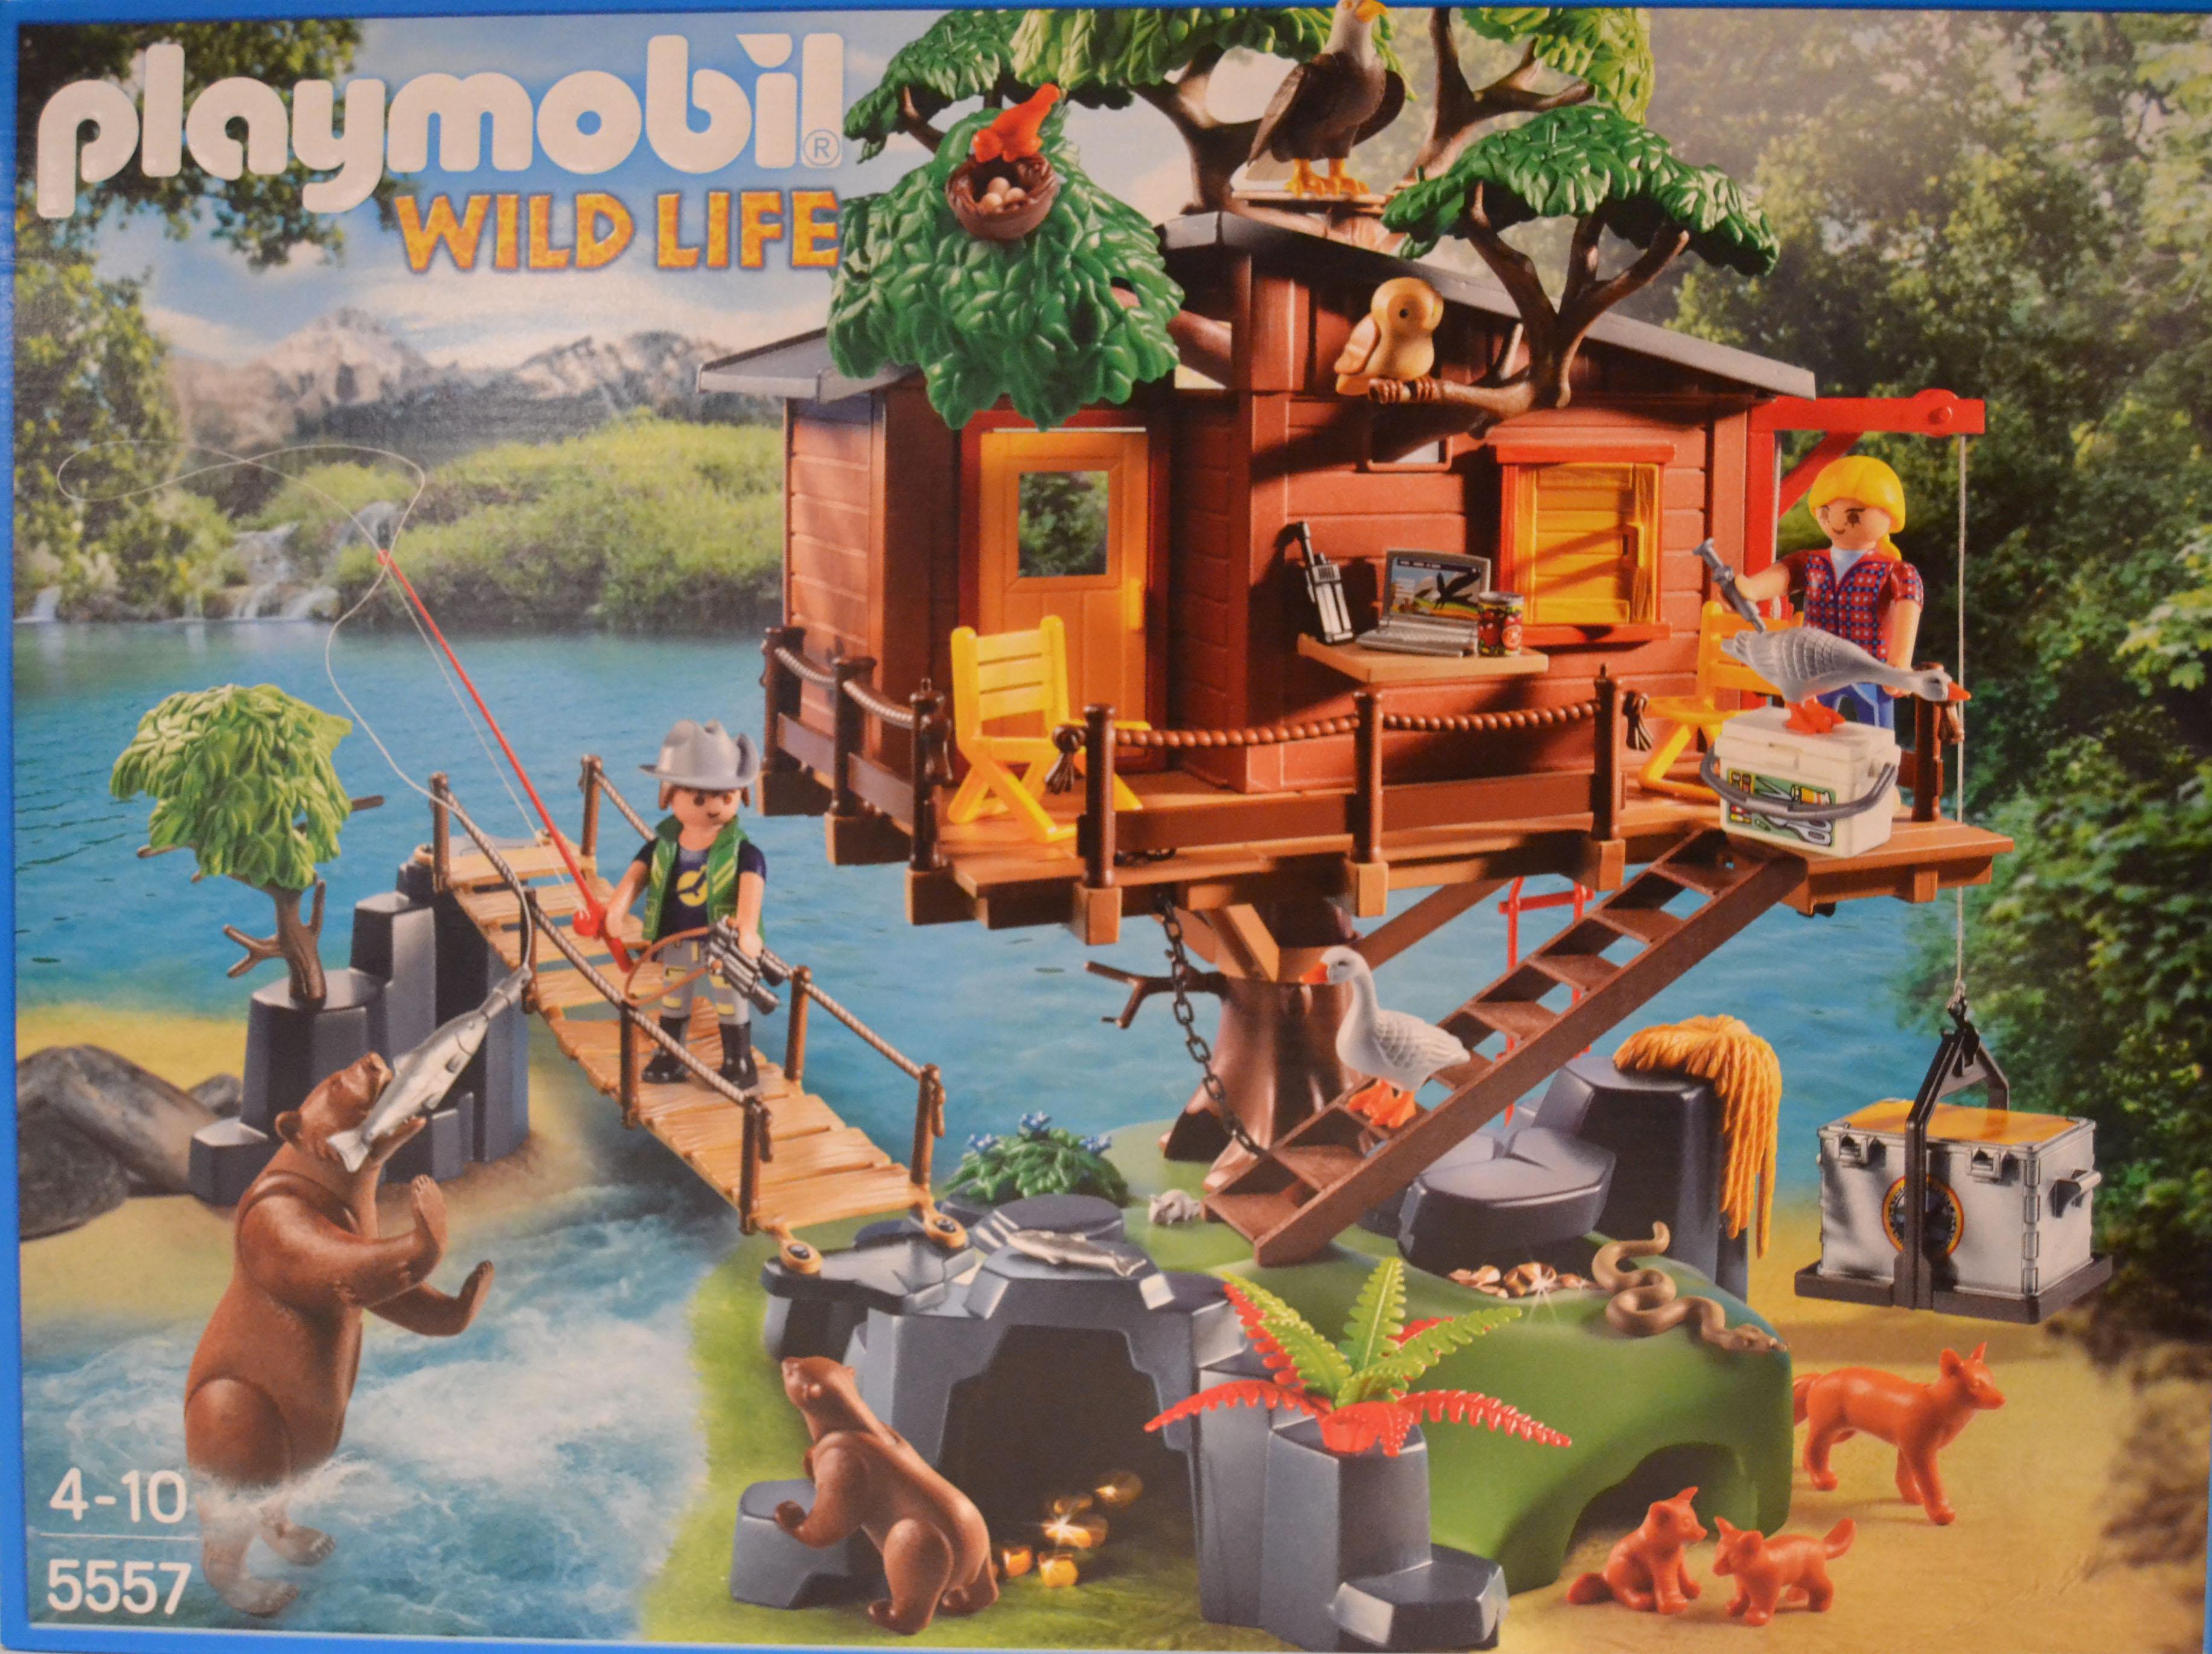 Playmobil vida salvaje 5557 aventura casa de rbol con figuras ebay - Casa del arbol de aventuras playmobil ...